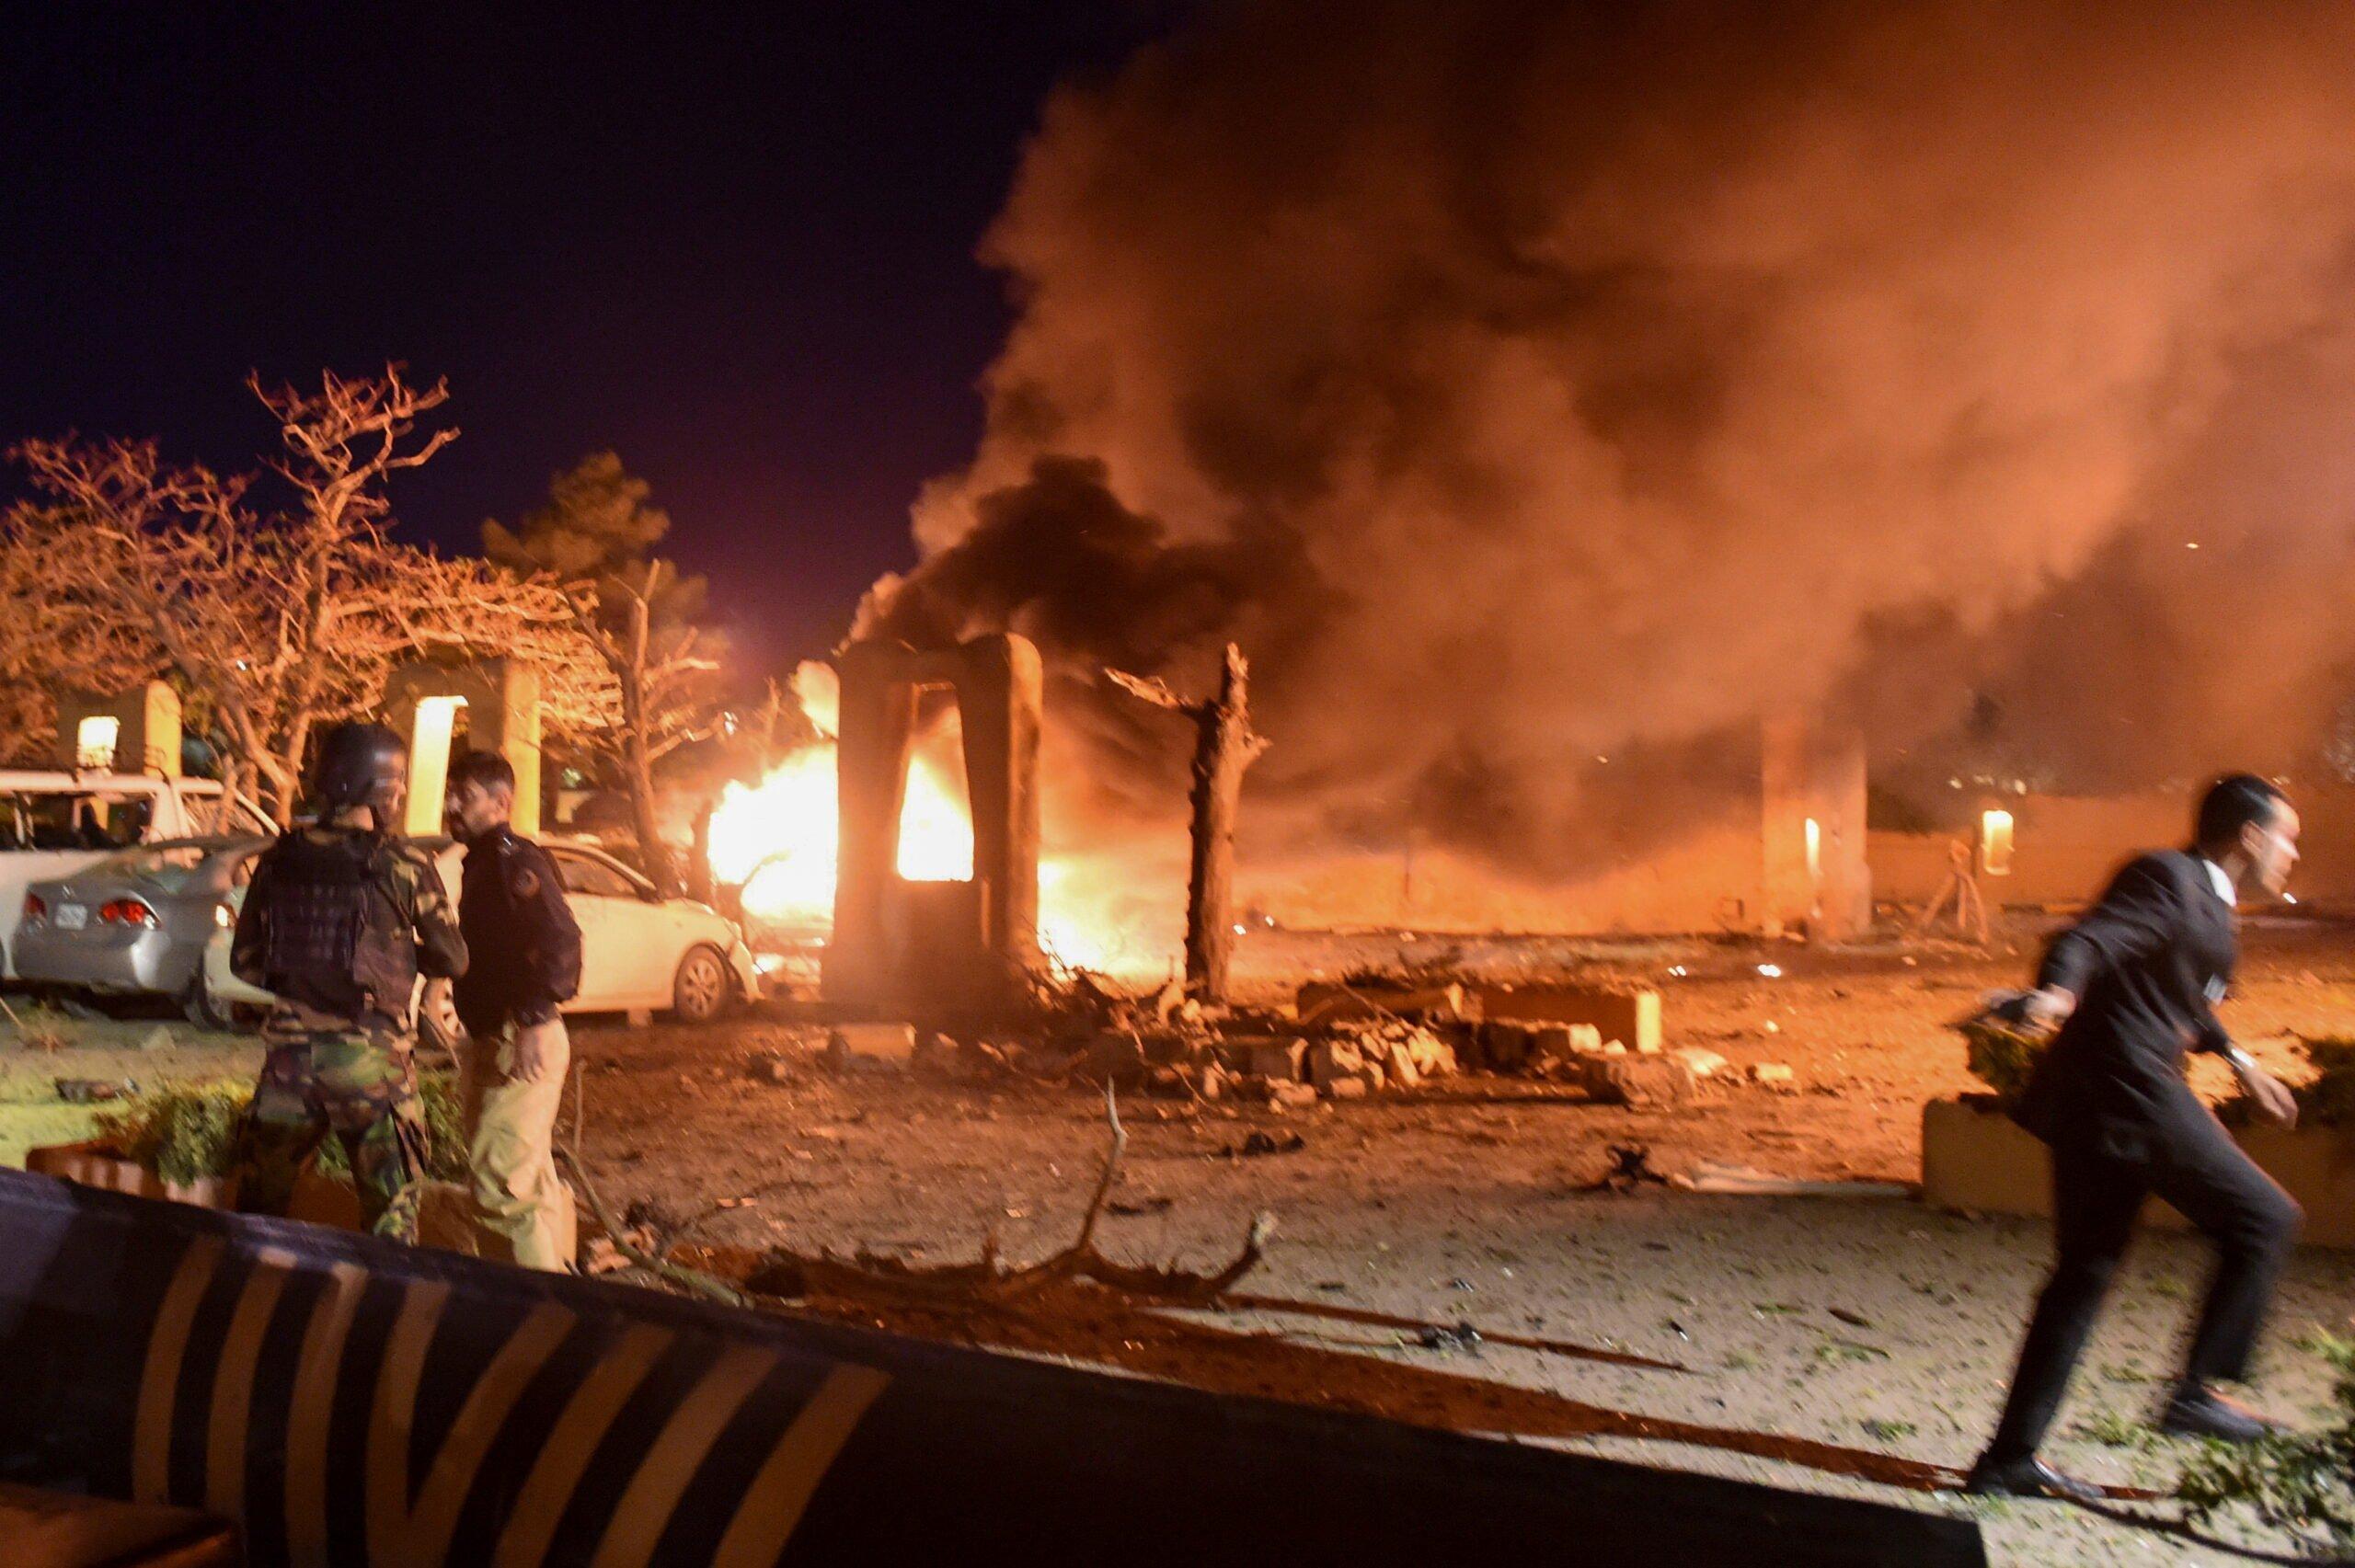 Ο βομβαρδισμός αυτοκινήτων σε πολυτελές ξενοδοχείο στην Κουέτα σκοτώνει 4, πιθανό στόχο Κινέζου πρέσβη